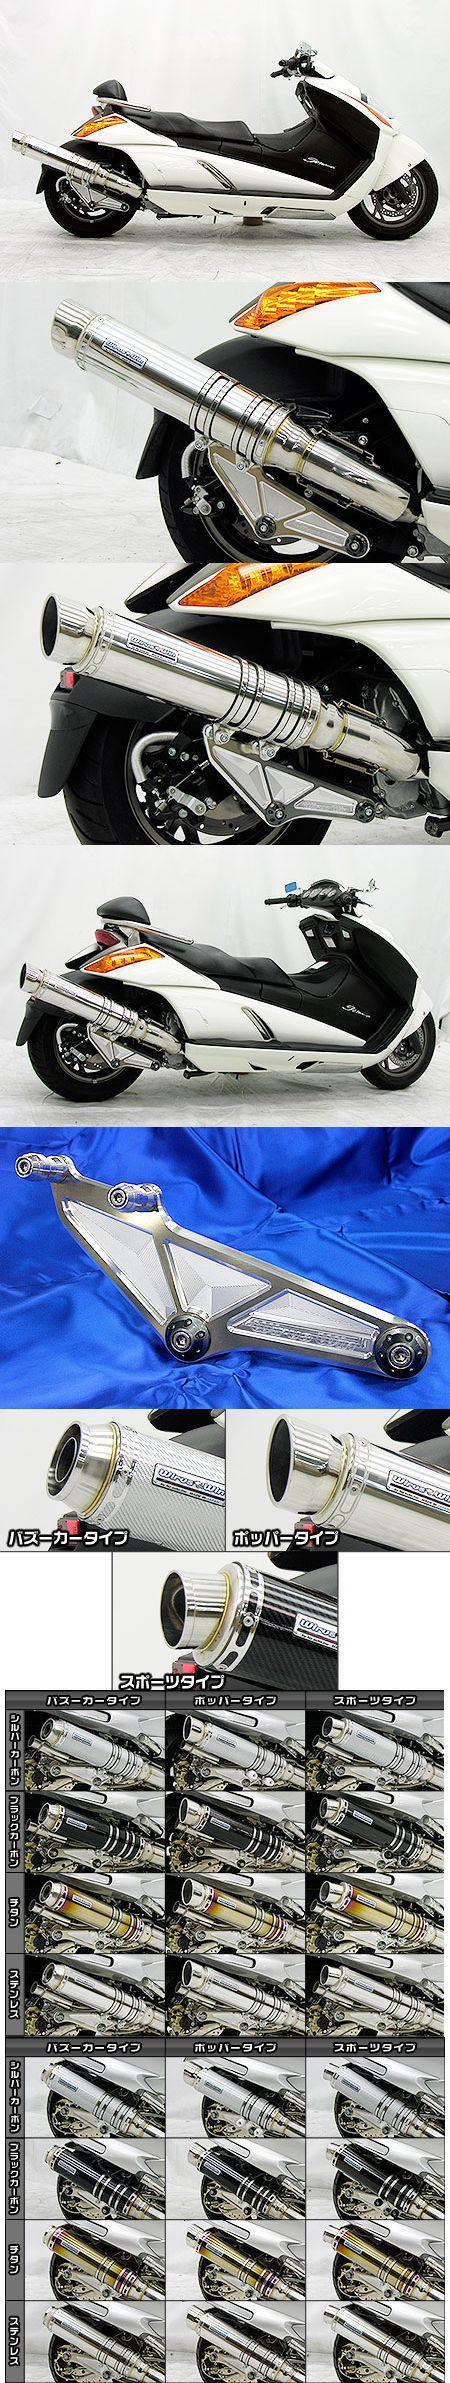 【WirusWin】Ultimate全段排氣管 不鏽鋼款式 Popper型 - 「Webike-摩托百貨」